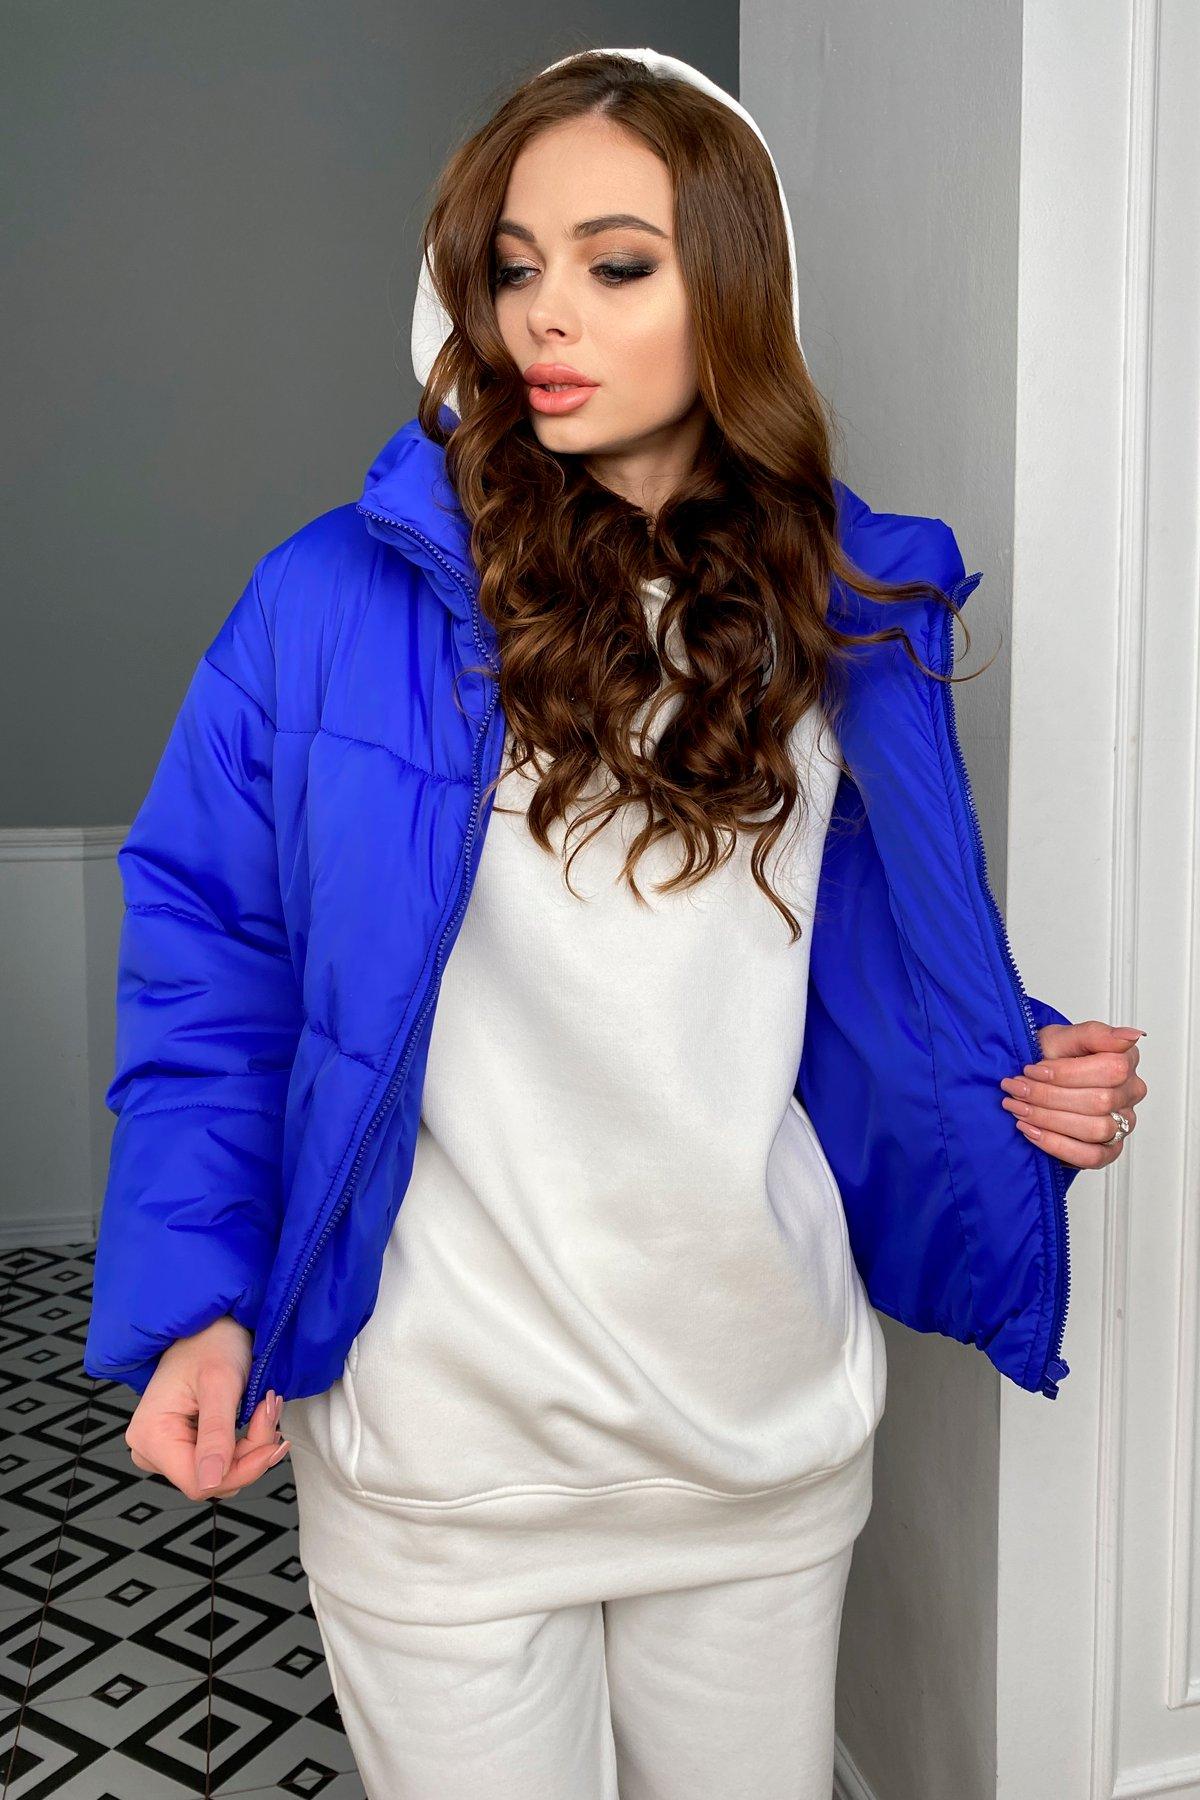 Драйв куртка из плащевой ткани 10448 АРТ. 46769 Цвет: Электрик 1052 - фото 7, интернет магазин tm-modus.ru